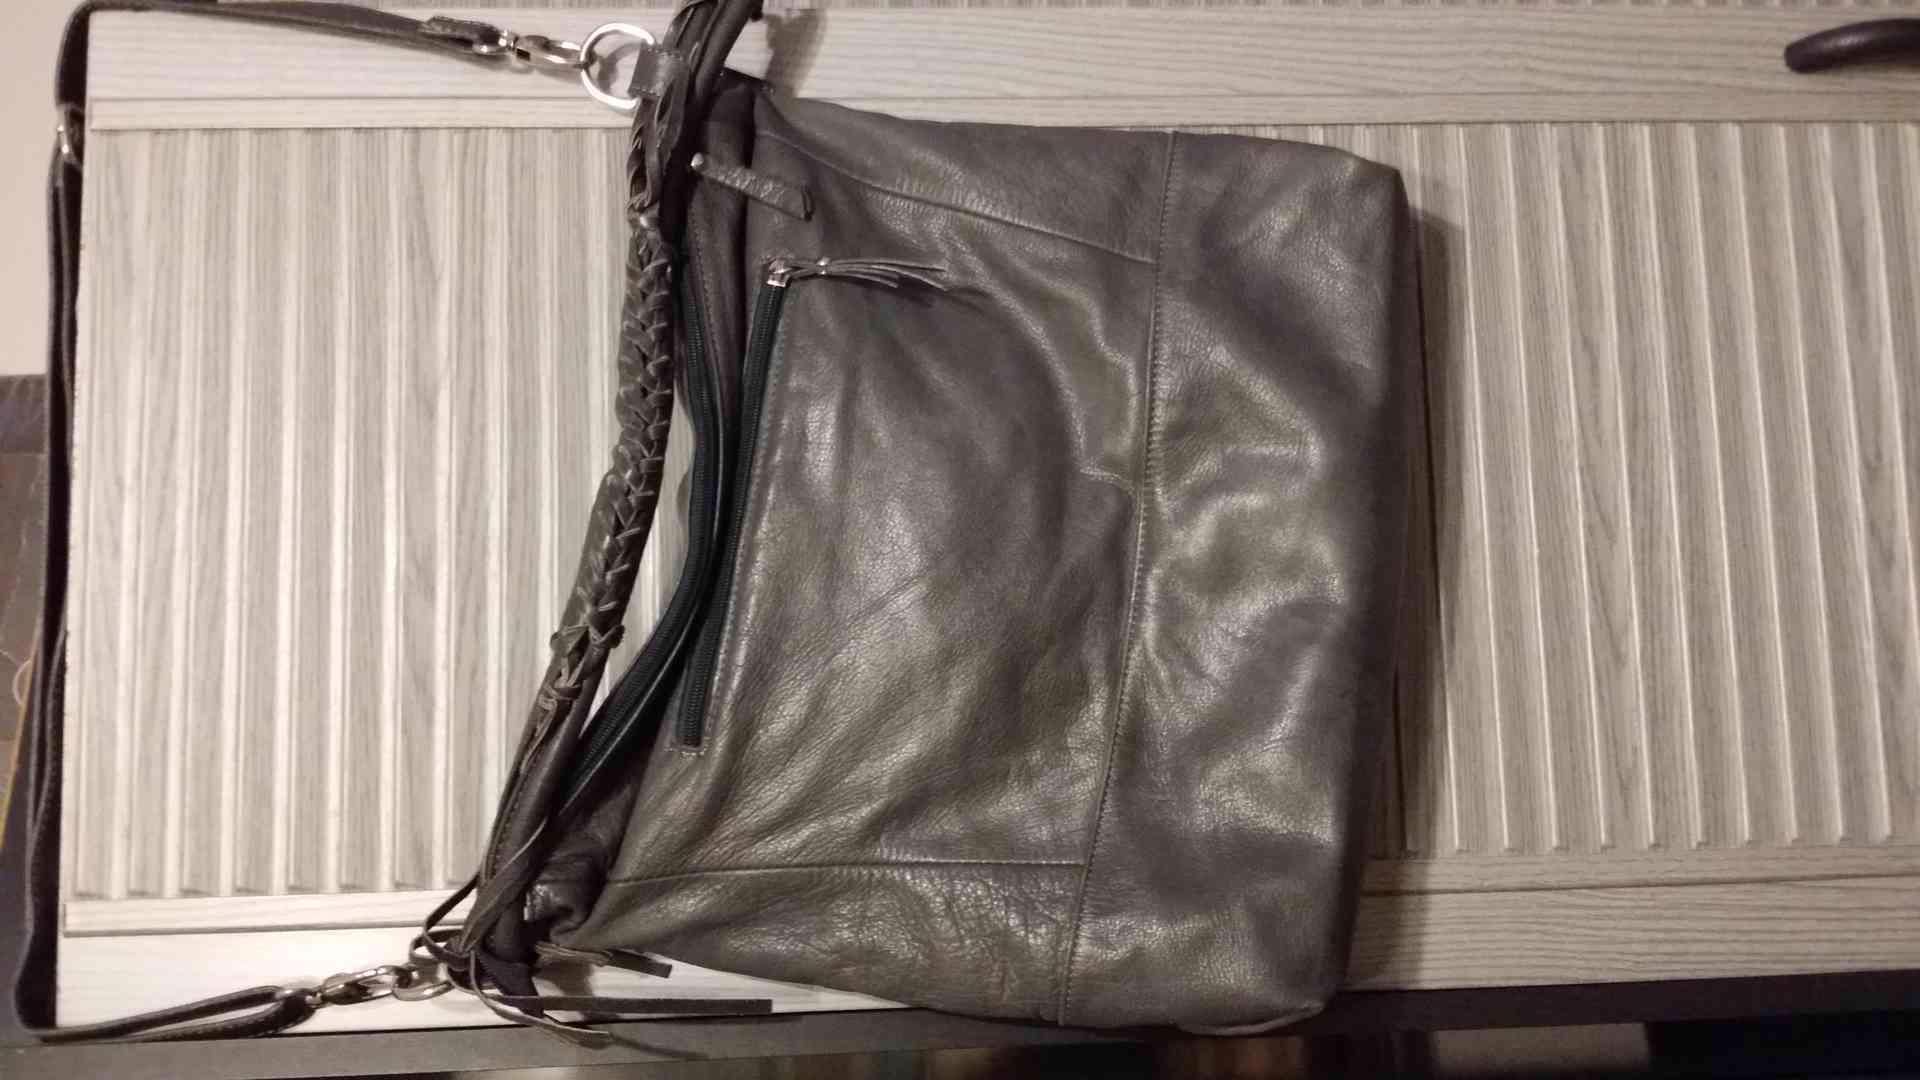 levně, značkové, používané  v  dobrém stavu dámské kabelky - foto 1